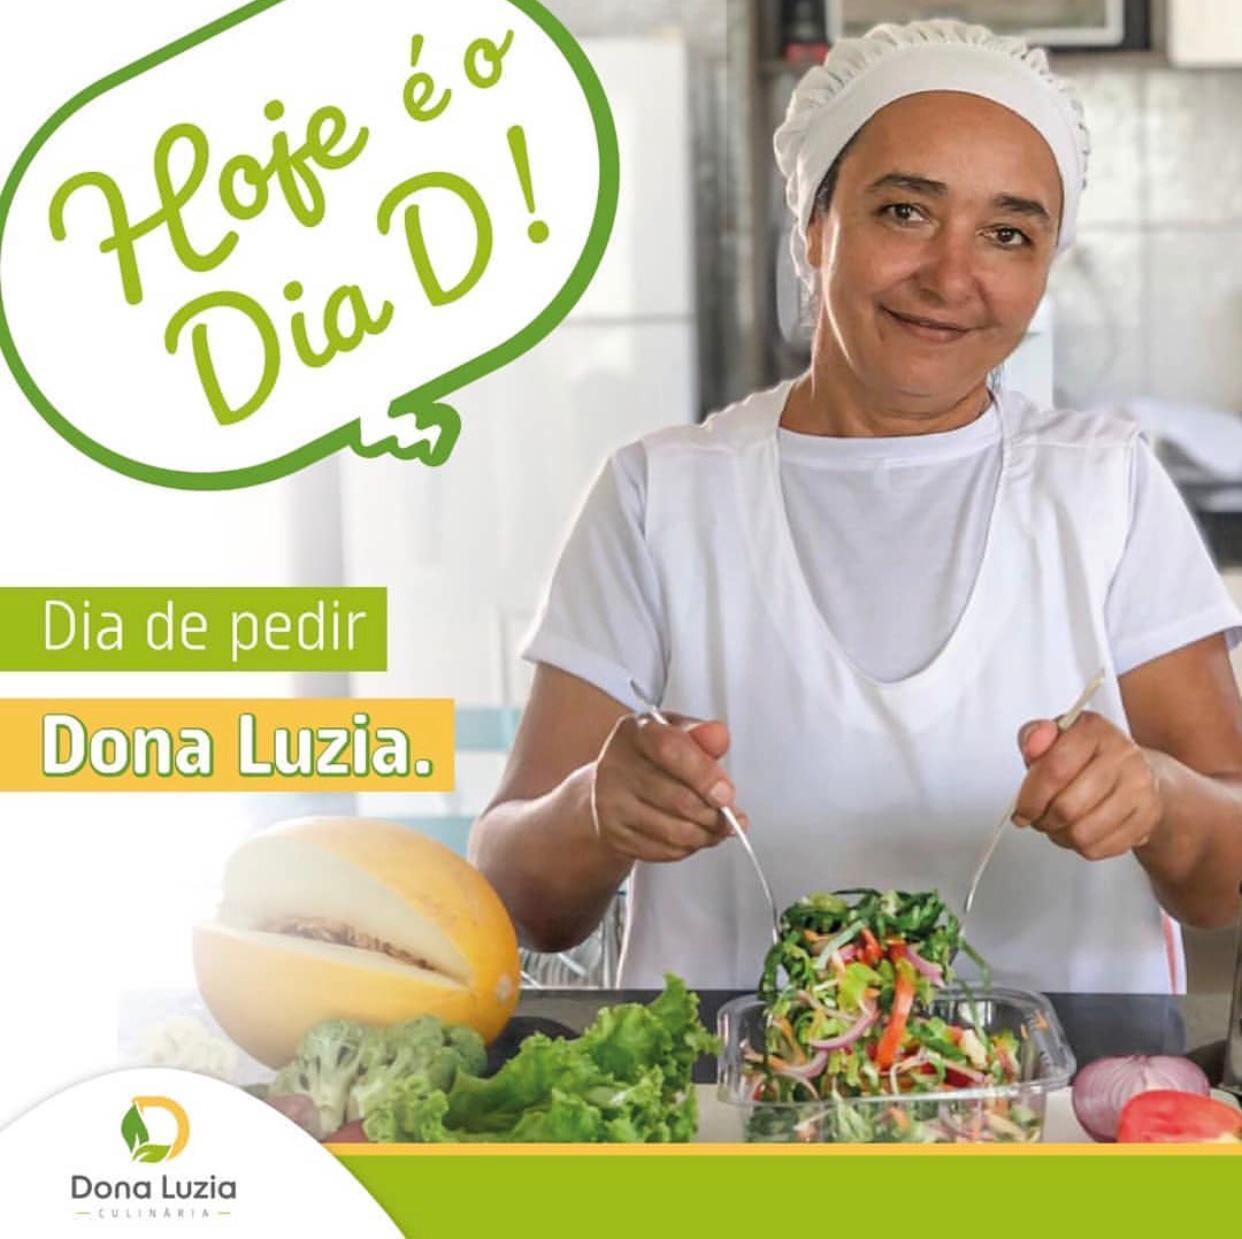 Dona Luzia Fitness Delivery chega em Picos  no segmento de comida Fit saudável